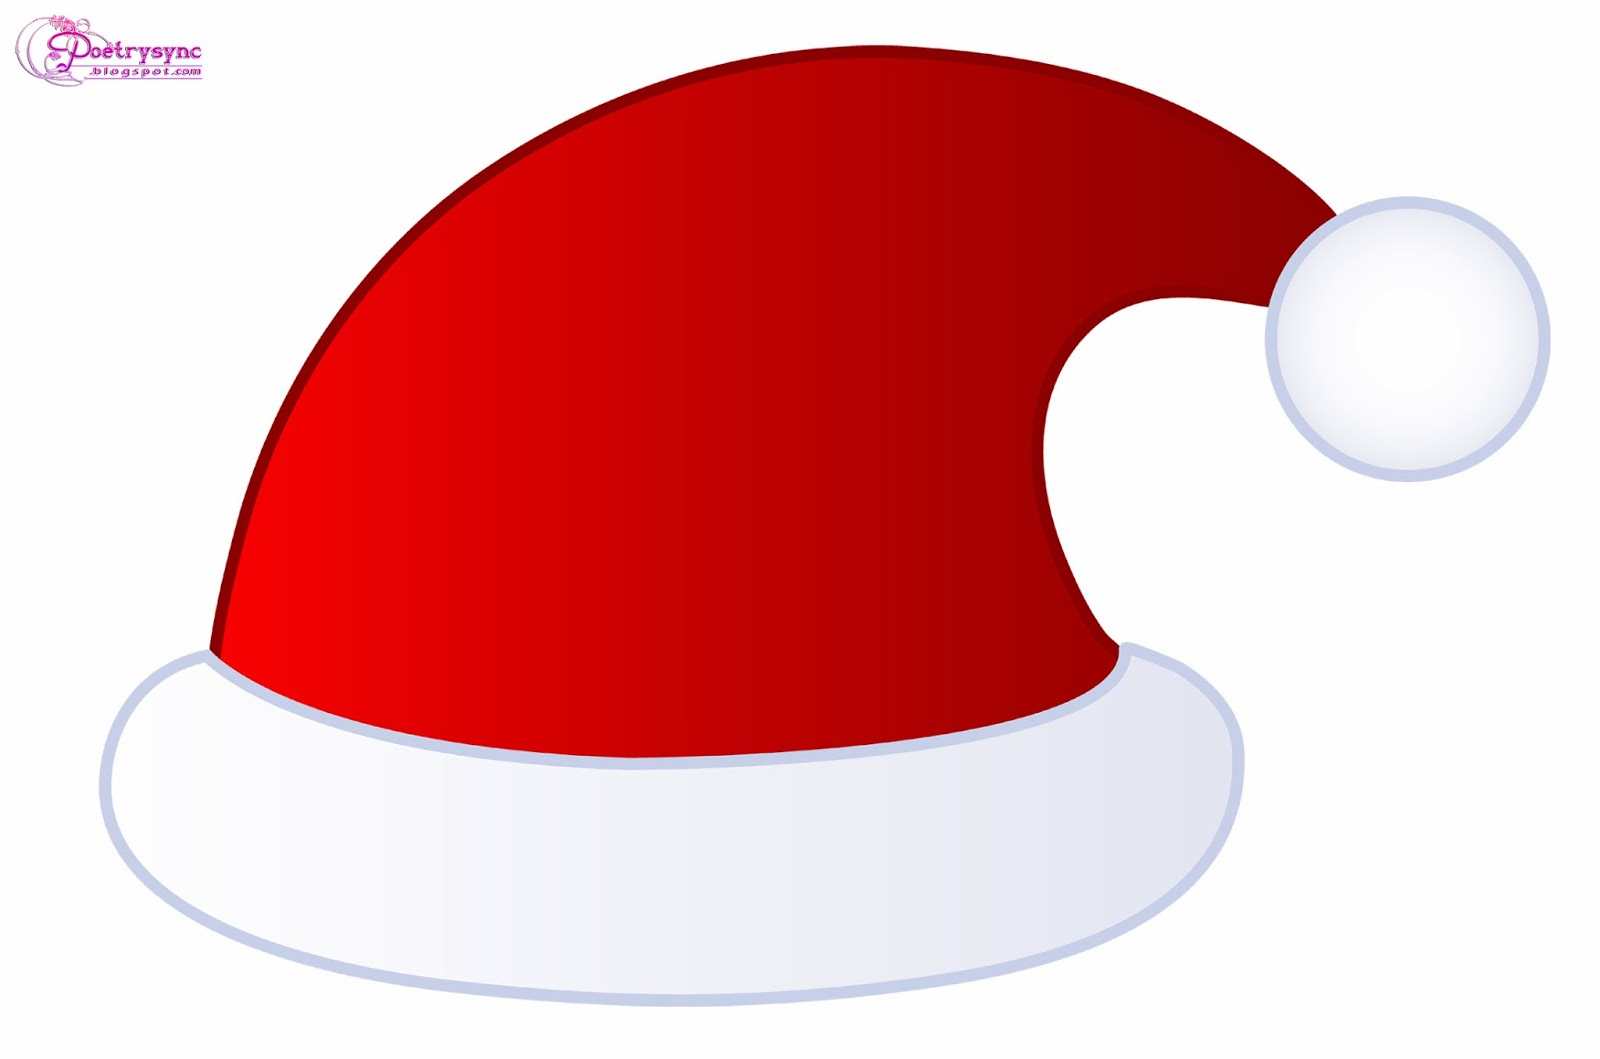 Santa hat clipart mint clip art download Microsoft clipart santa hat - ClipartFest clip art download